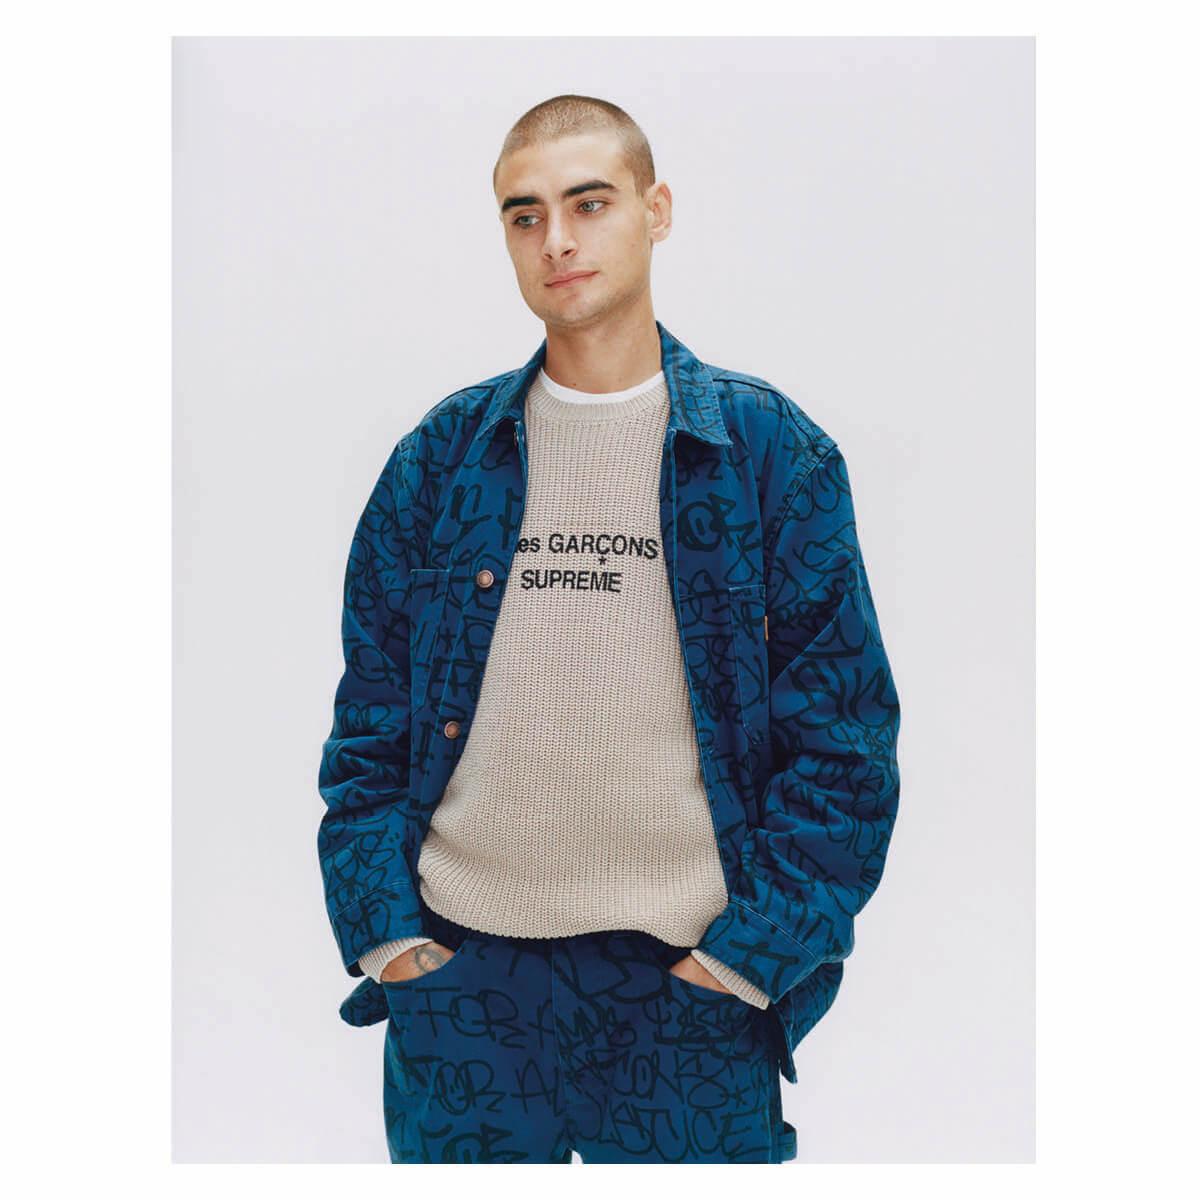 comme_des_garcons_shirt_x_supreme2